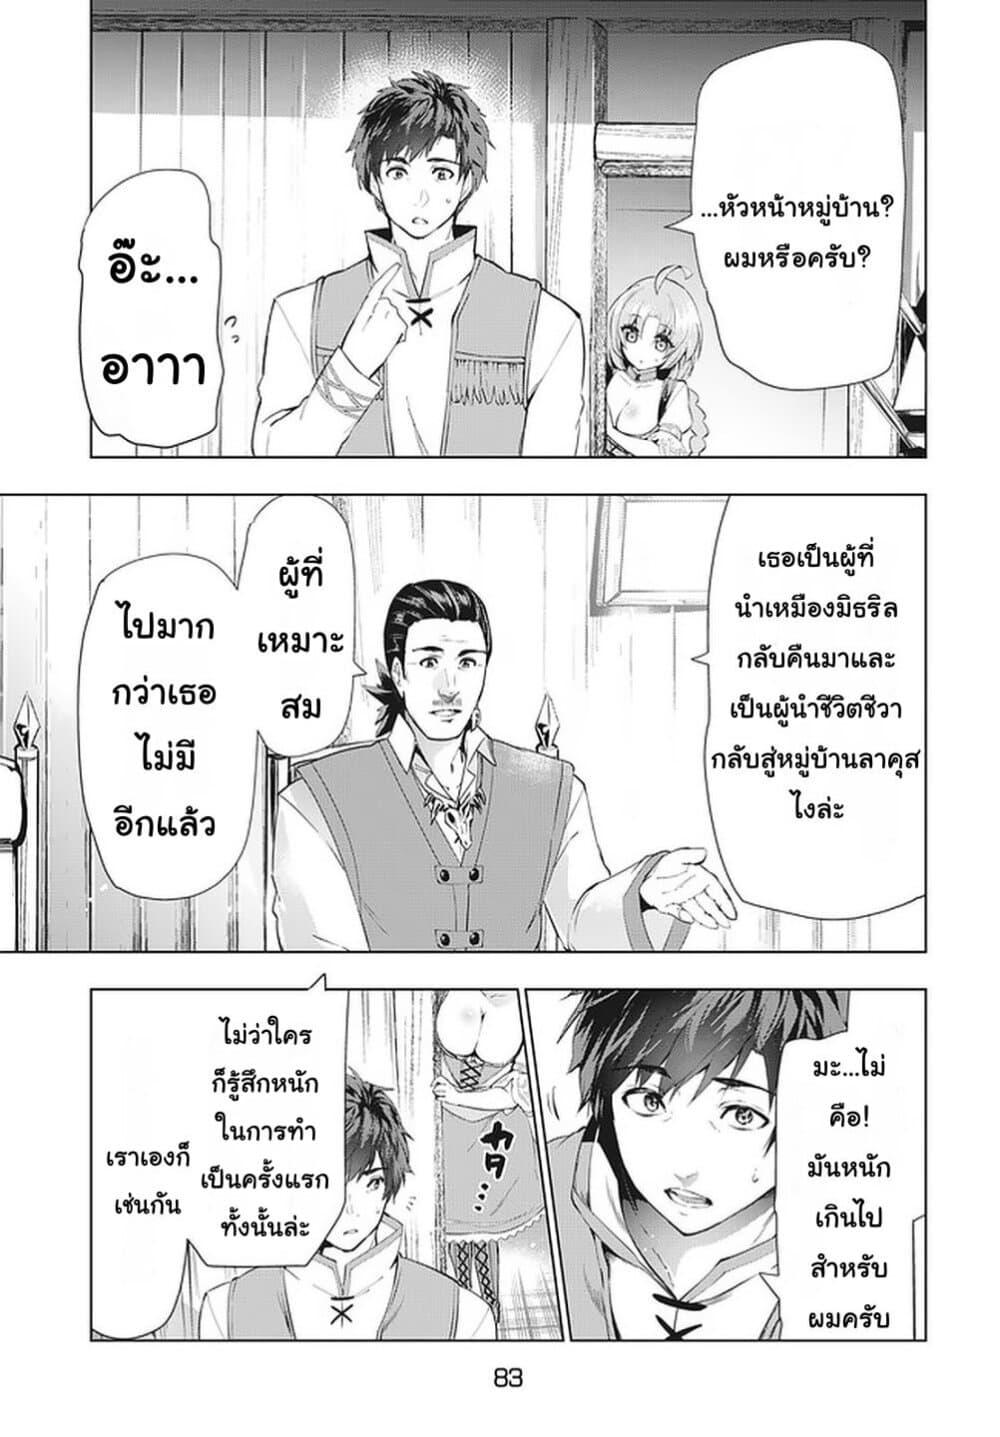 อ่านการ์ตูน Kaiko sareta Ankoku Heishi (30-dai) no Slow na Second ตอนที่ 13.1 หน้าที่ 9